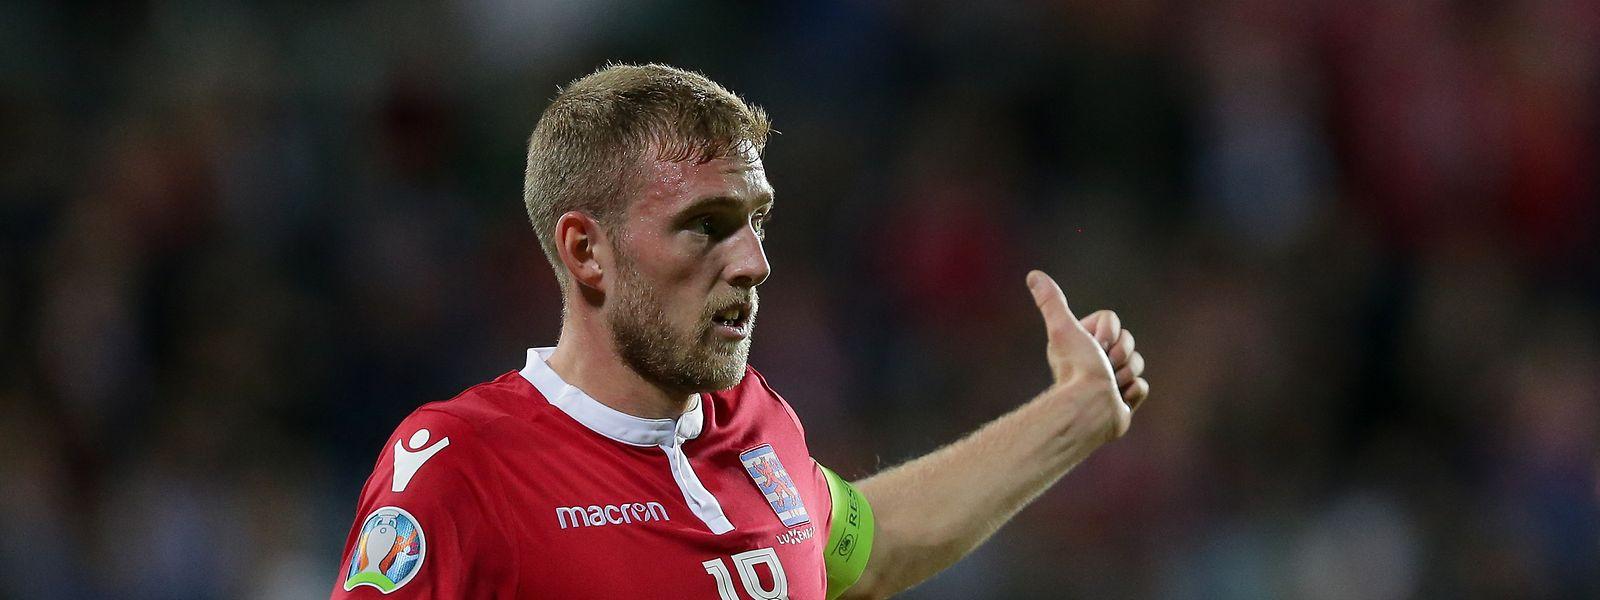 Daumen hoch für die Leistung der Luxemburger, mit dem Ergebnis ist Laurent Jans aber nicht zufrieden.